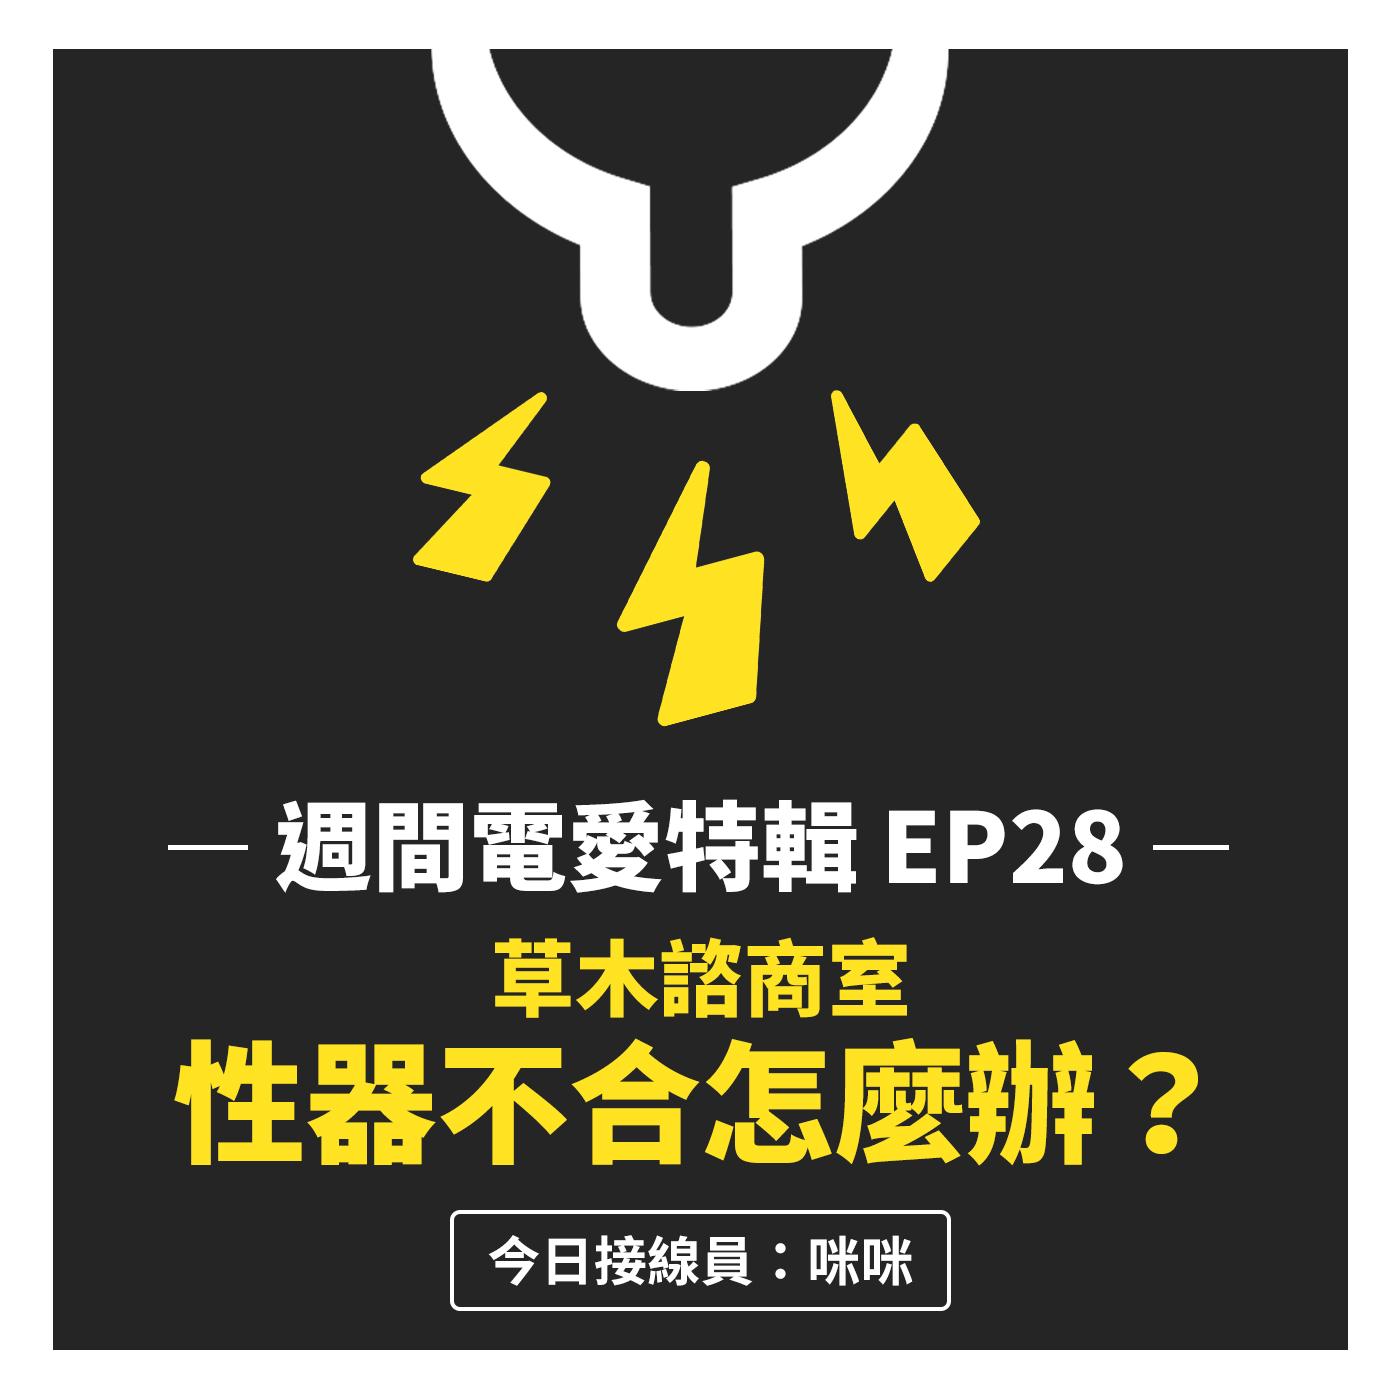 [週間電愛特輯] EP28 草木諮商室 - 性器不合怎麼辦?